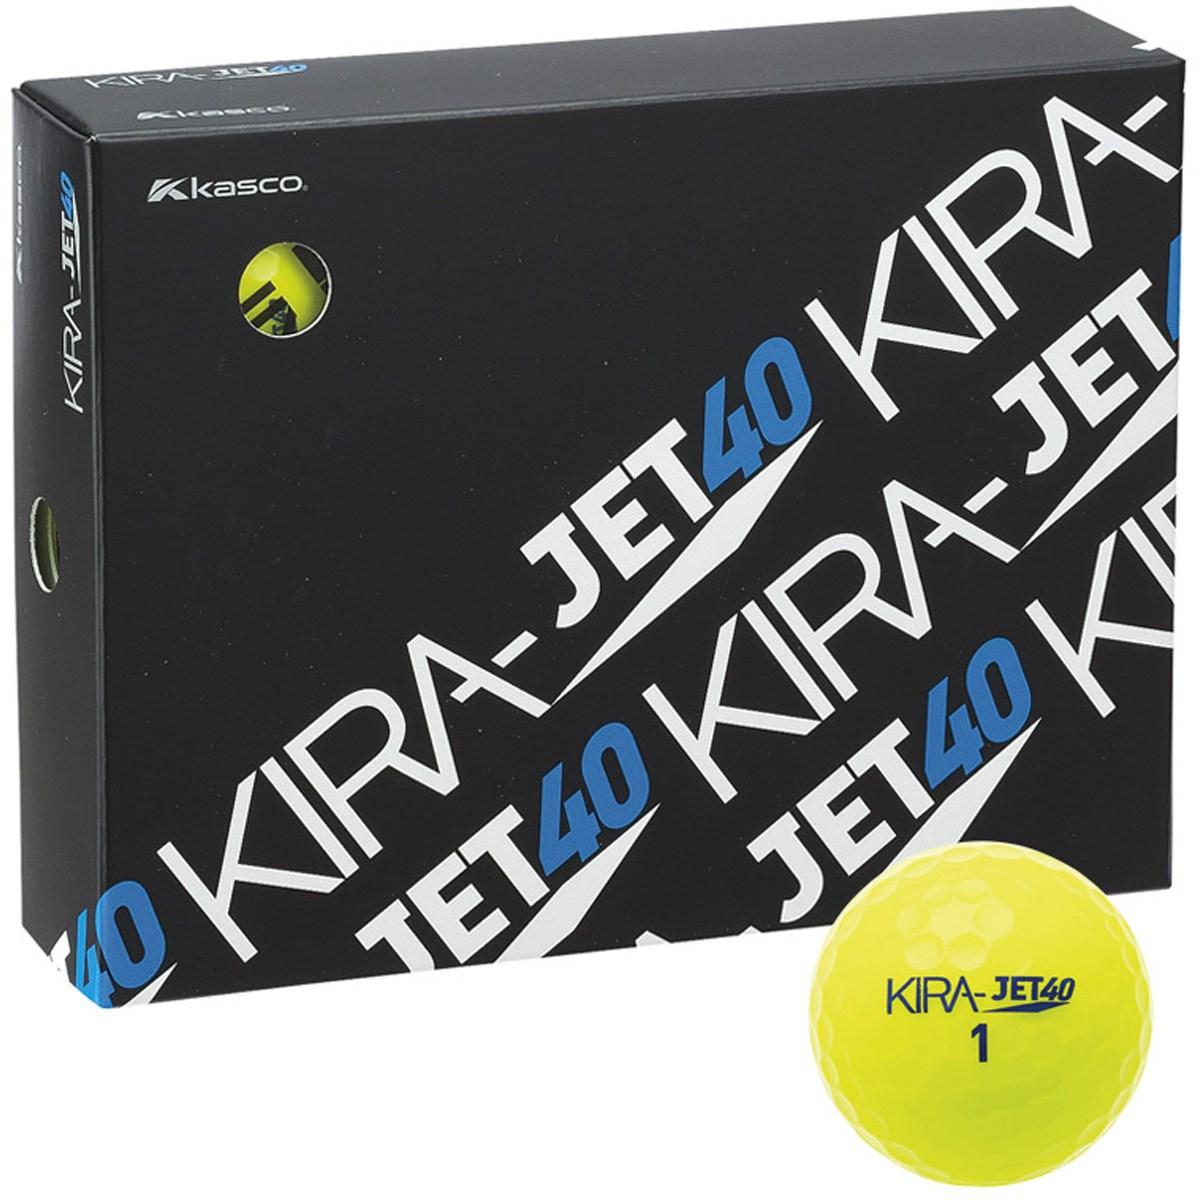 キャスコ(KASCO) KIRA JET 40 ボール